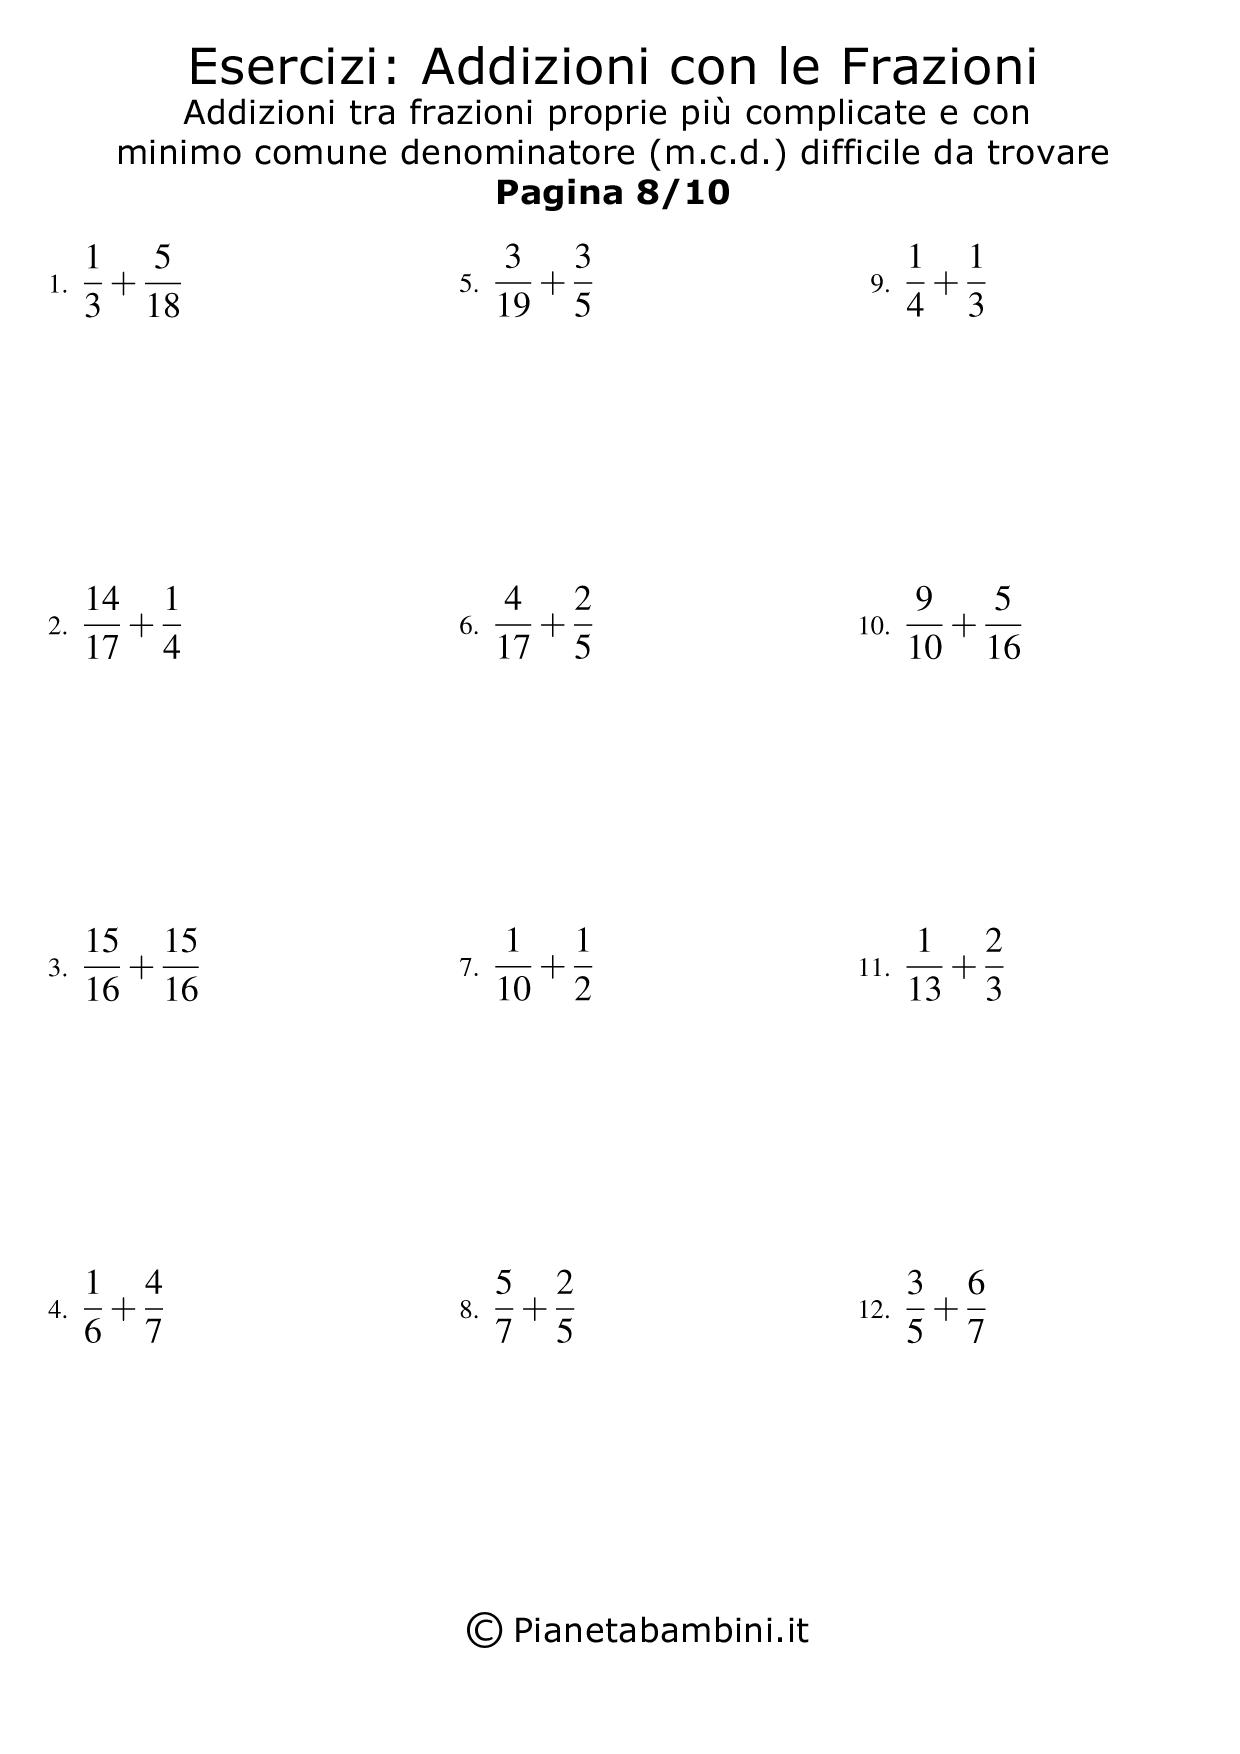 Frazioni-Difficili-m.c.d-difficile_08